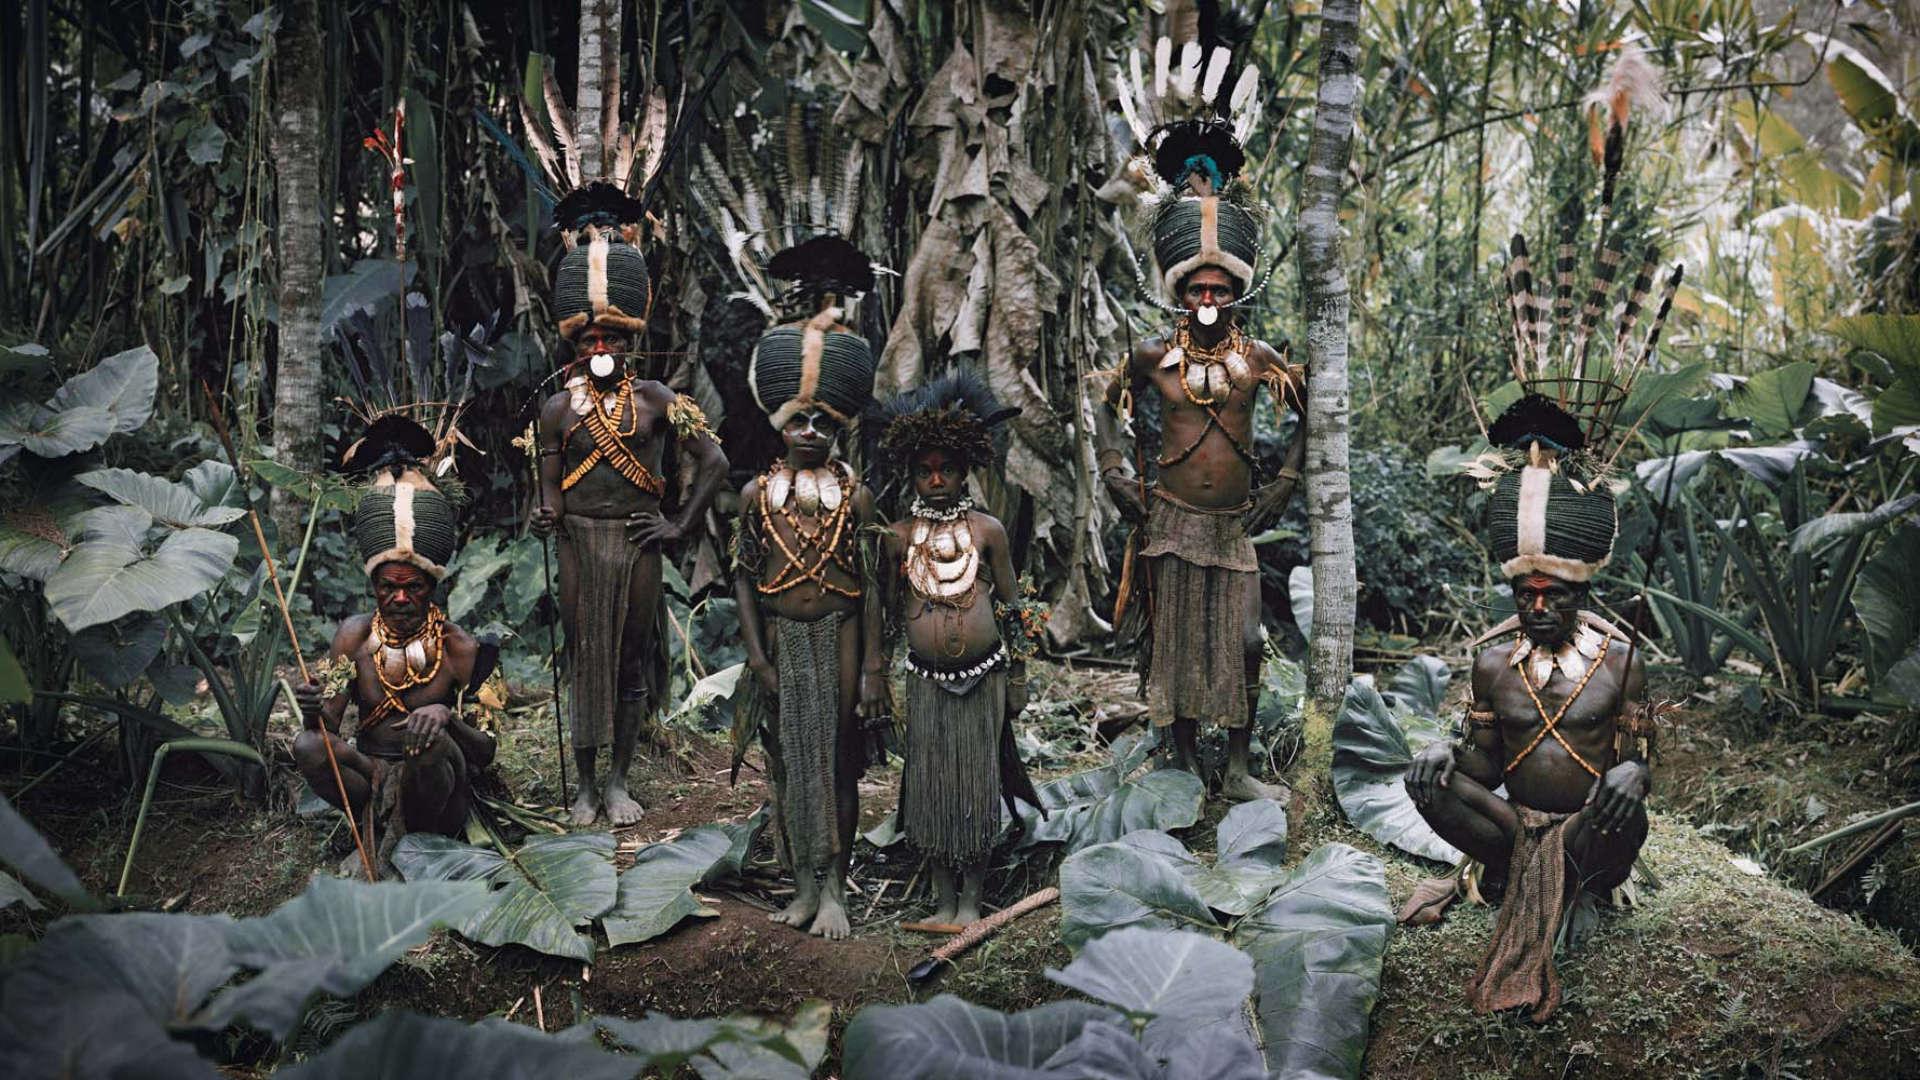 Kalam stam, Nukunt, Papoea-Nieuw-Guinea